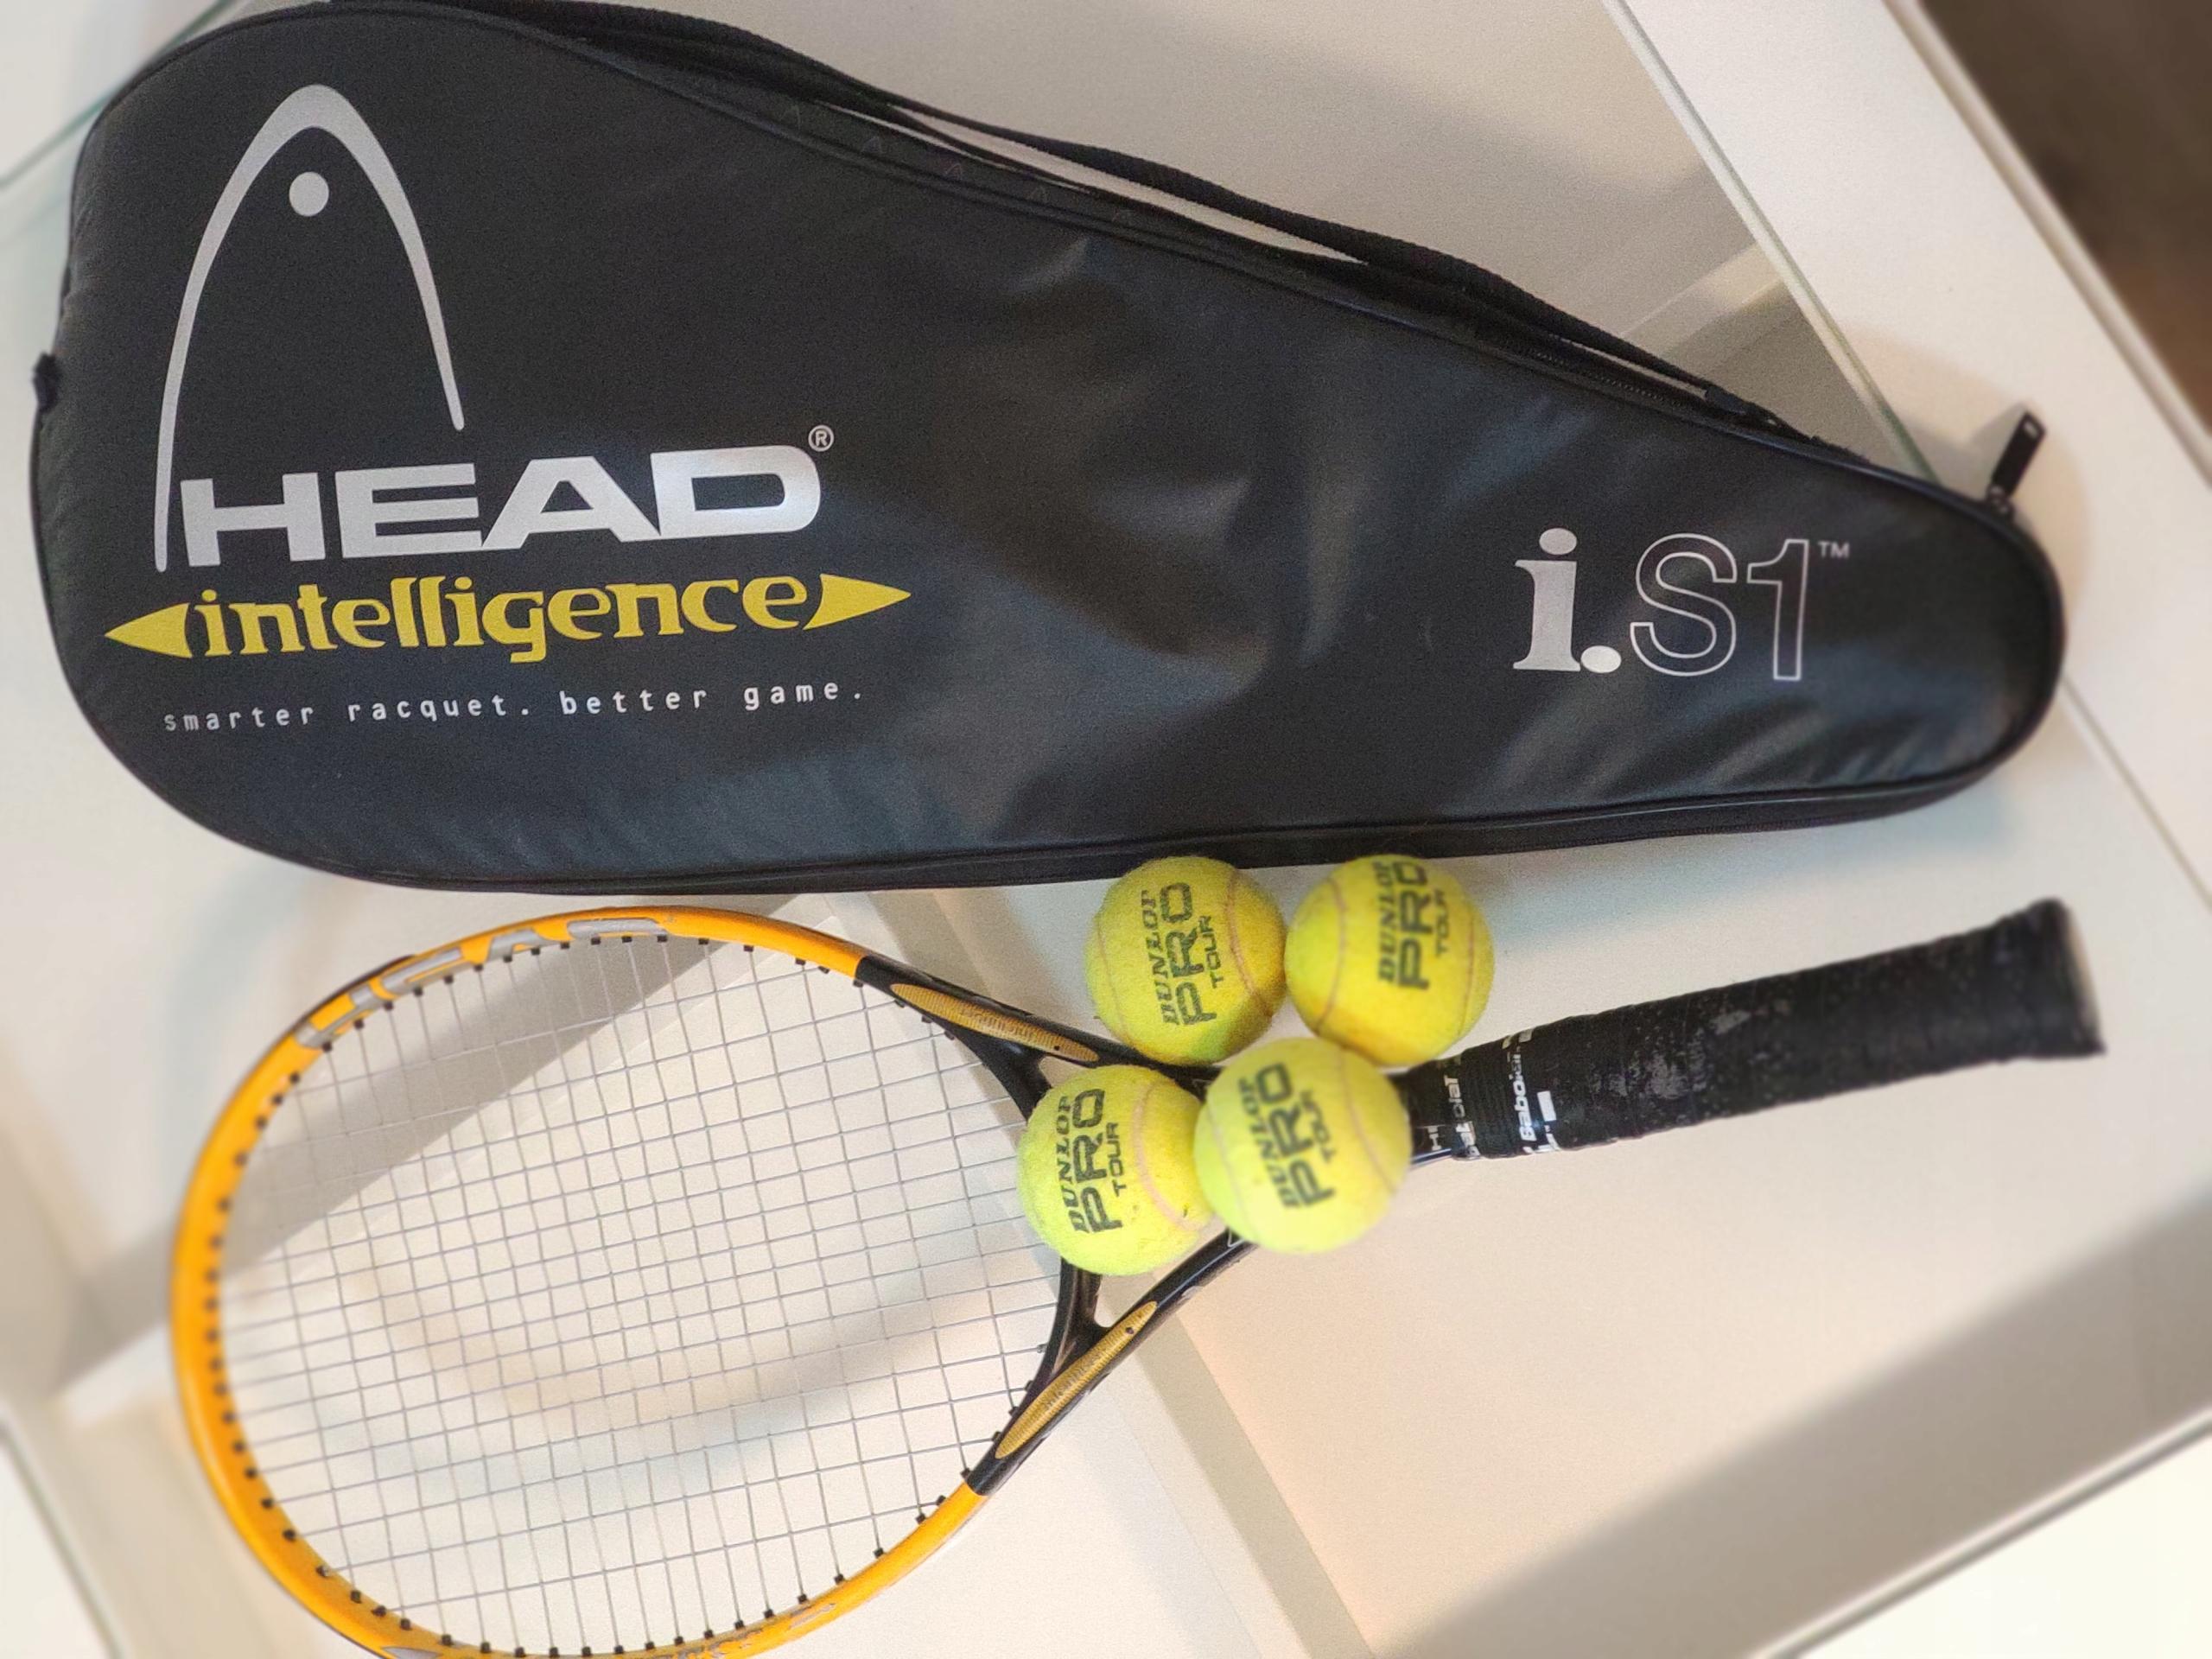 Rakieta tenisowa Head Intelligence i.S1